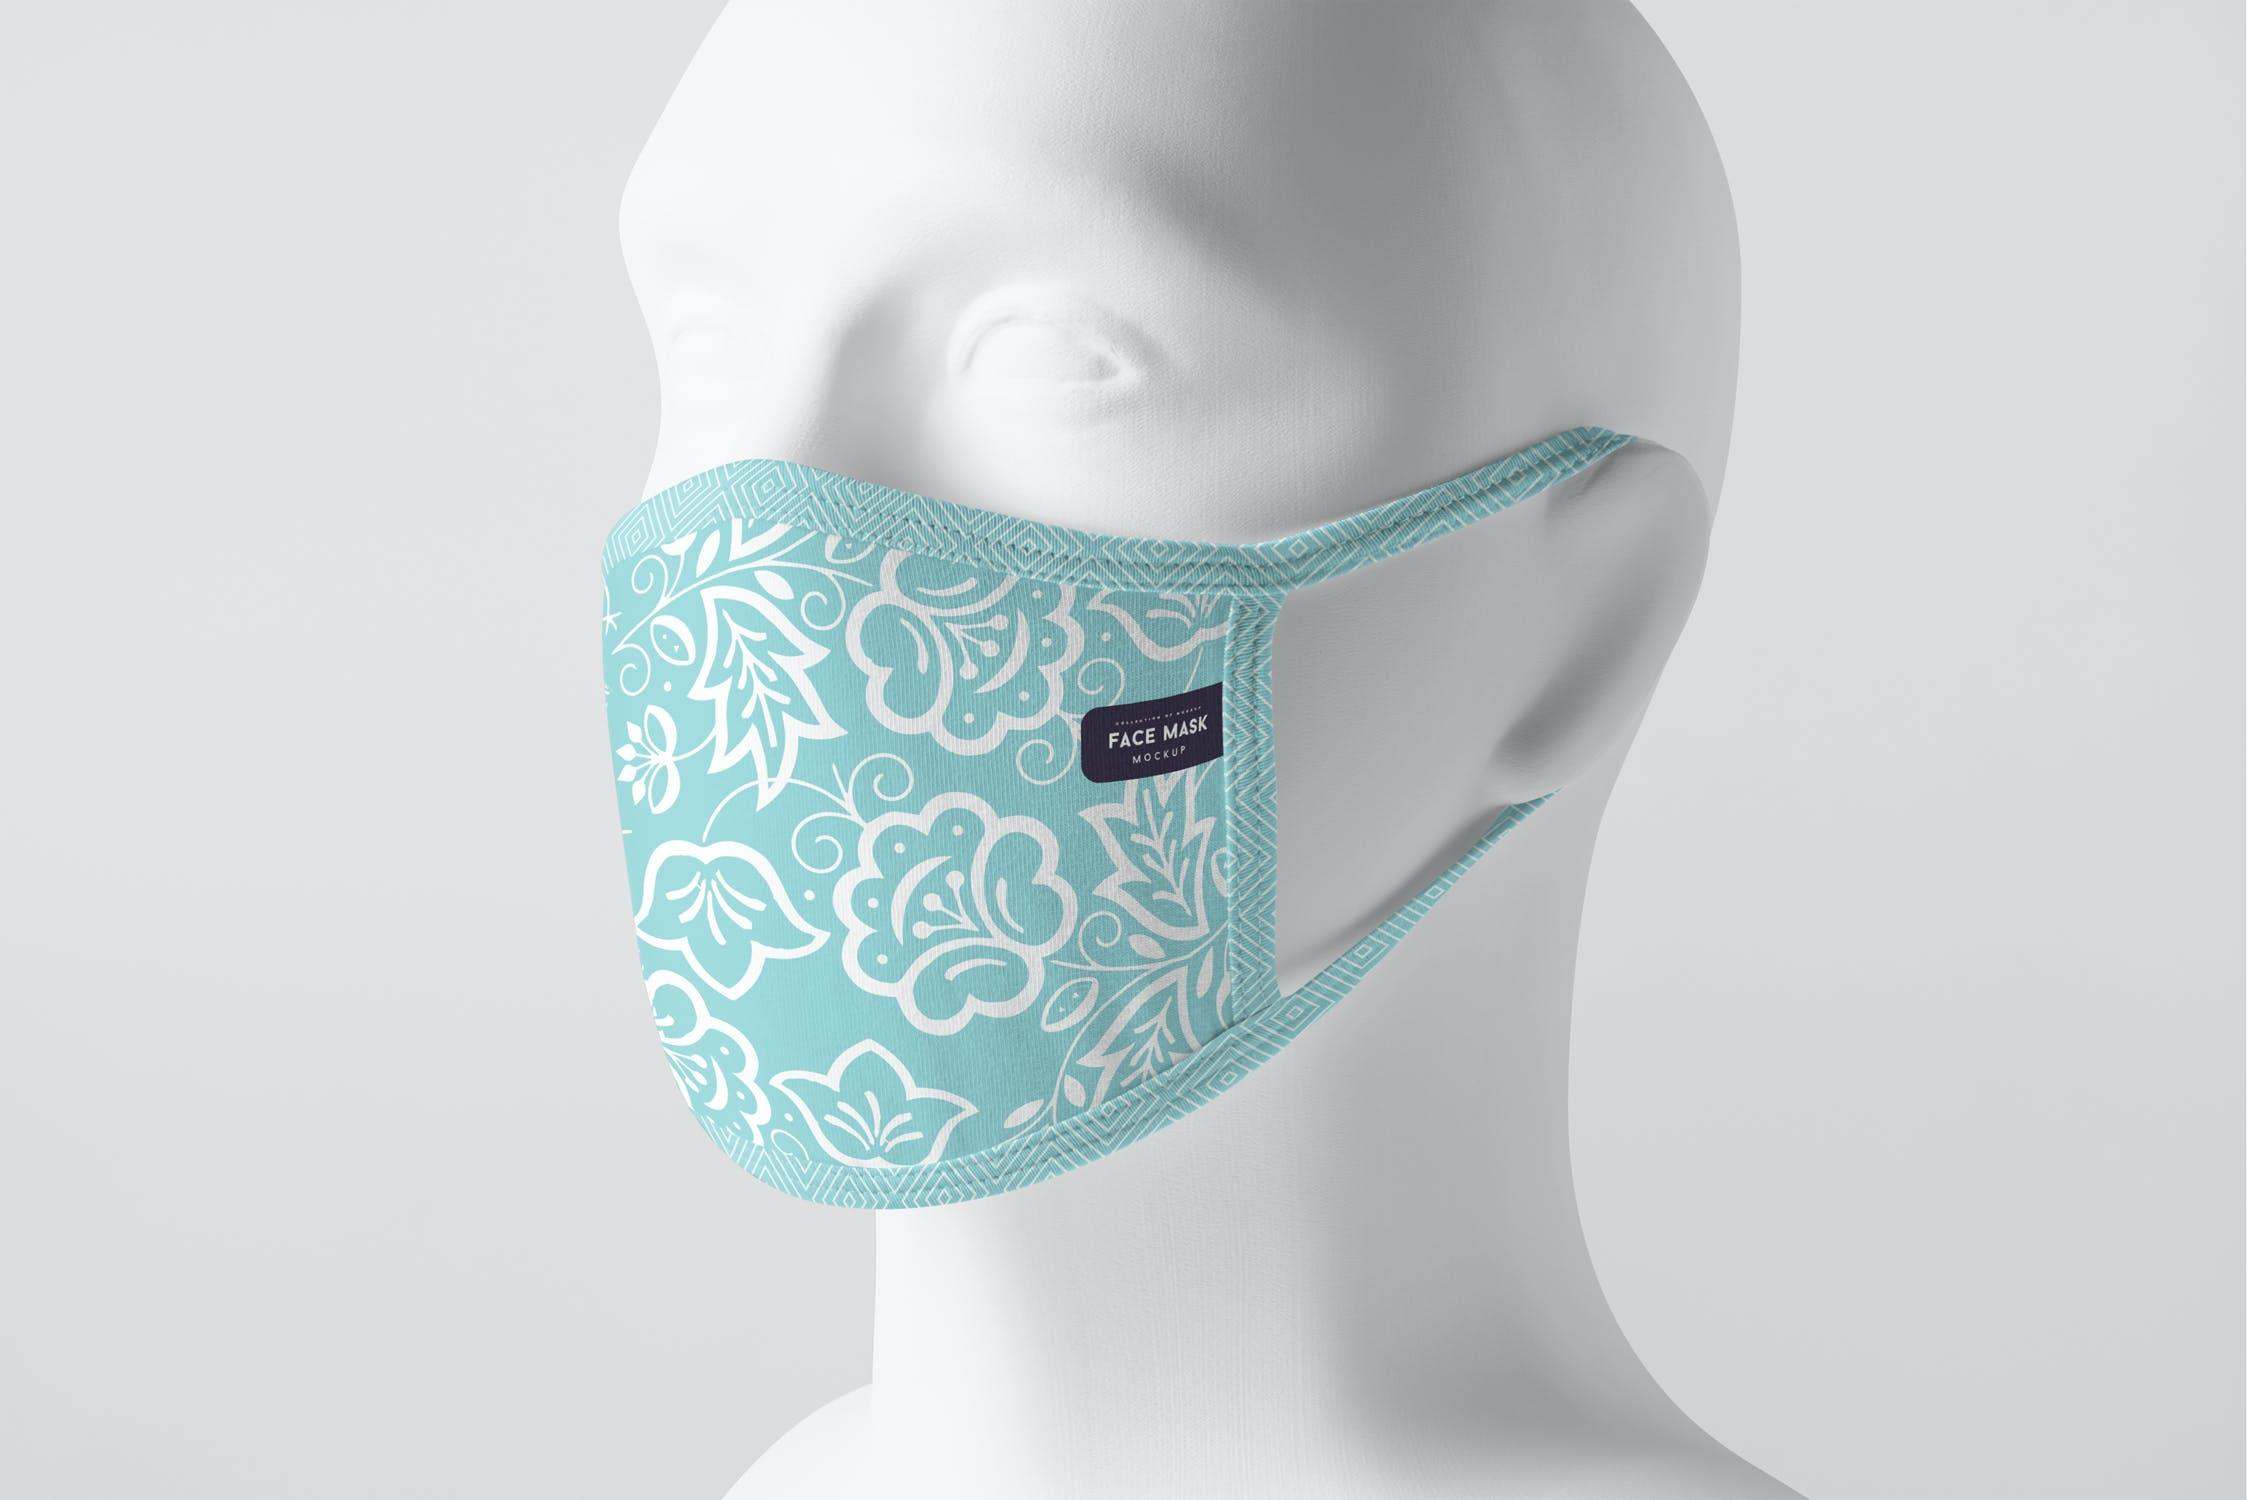 8款防护面罩口罩印花设计展示样机PSD模板 Face Mask Mockup插图(11)